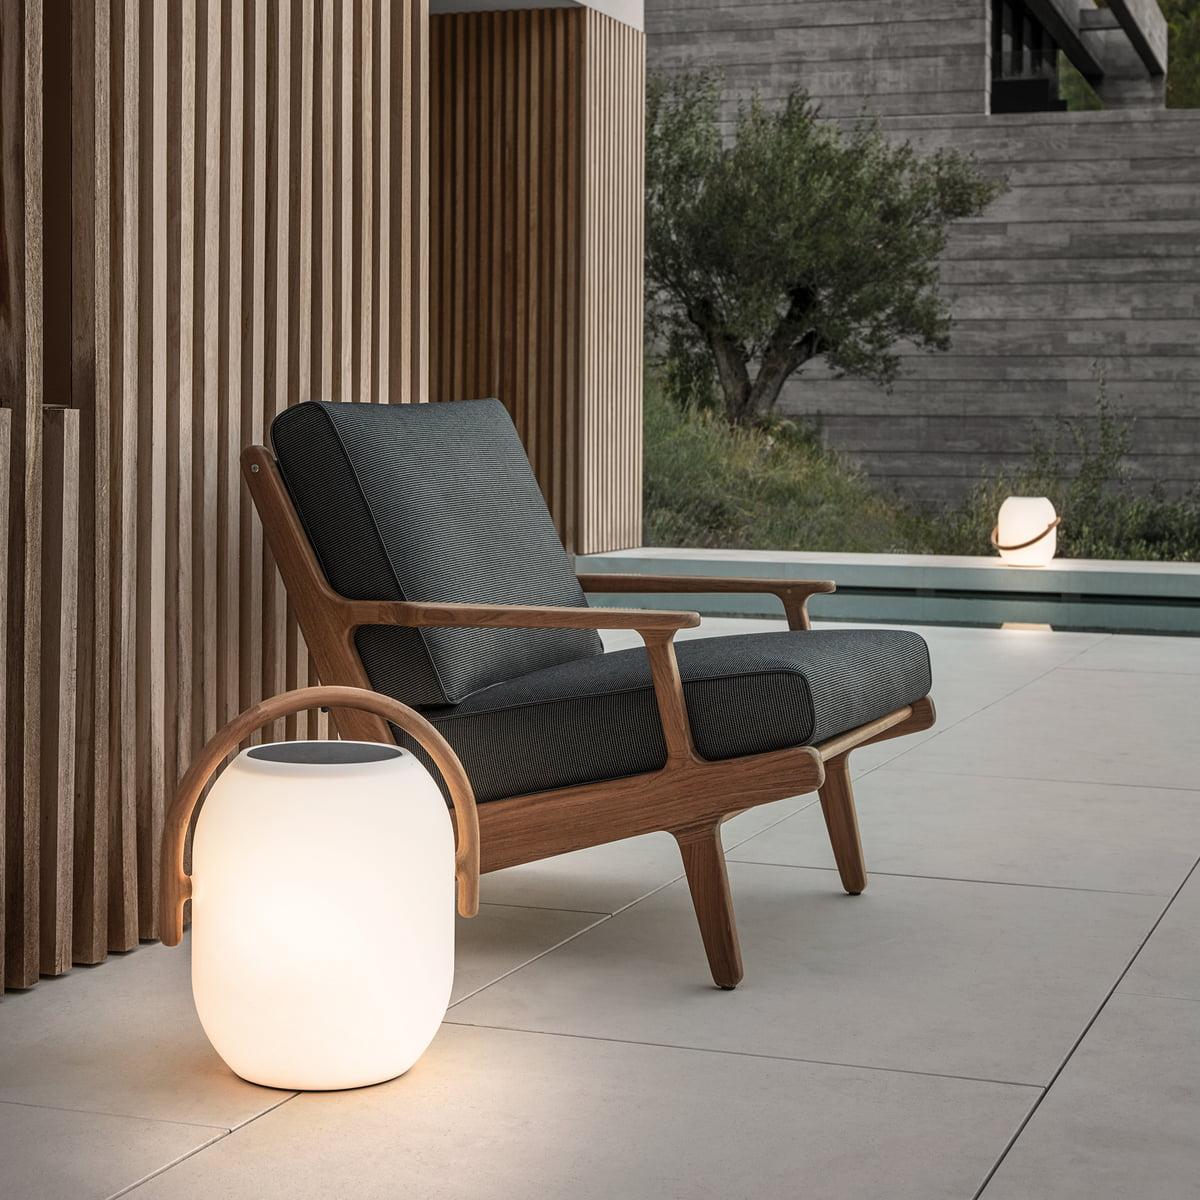 Der Gloster Bay Lounge Chair Mit Co Solarleuchte